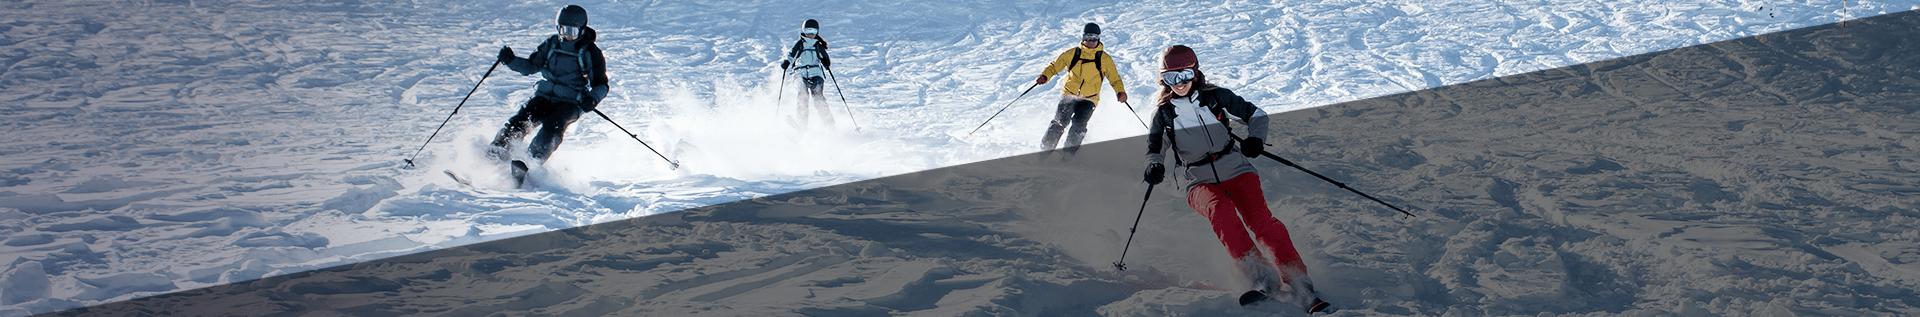 Захист для гірськолижного спорту